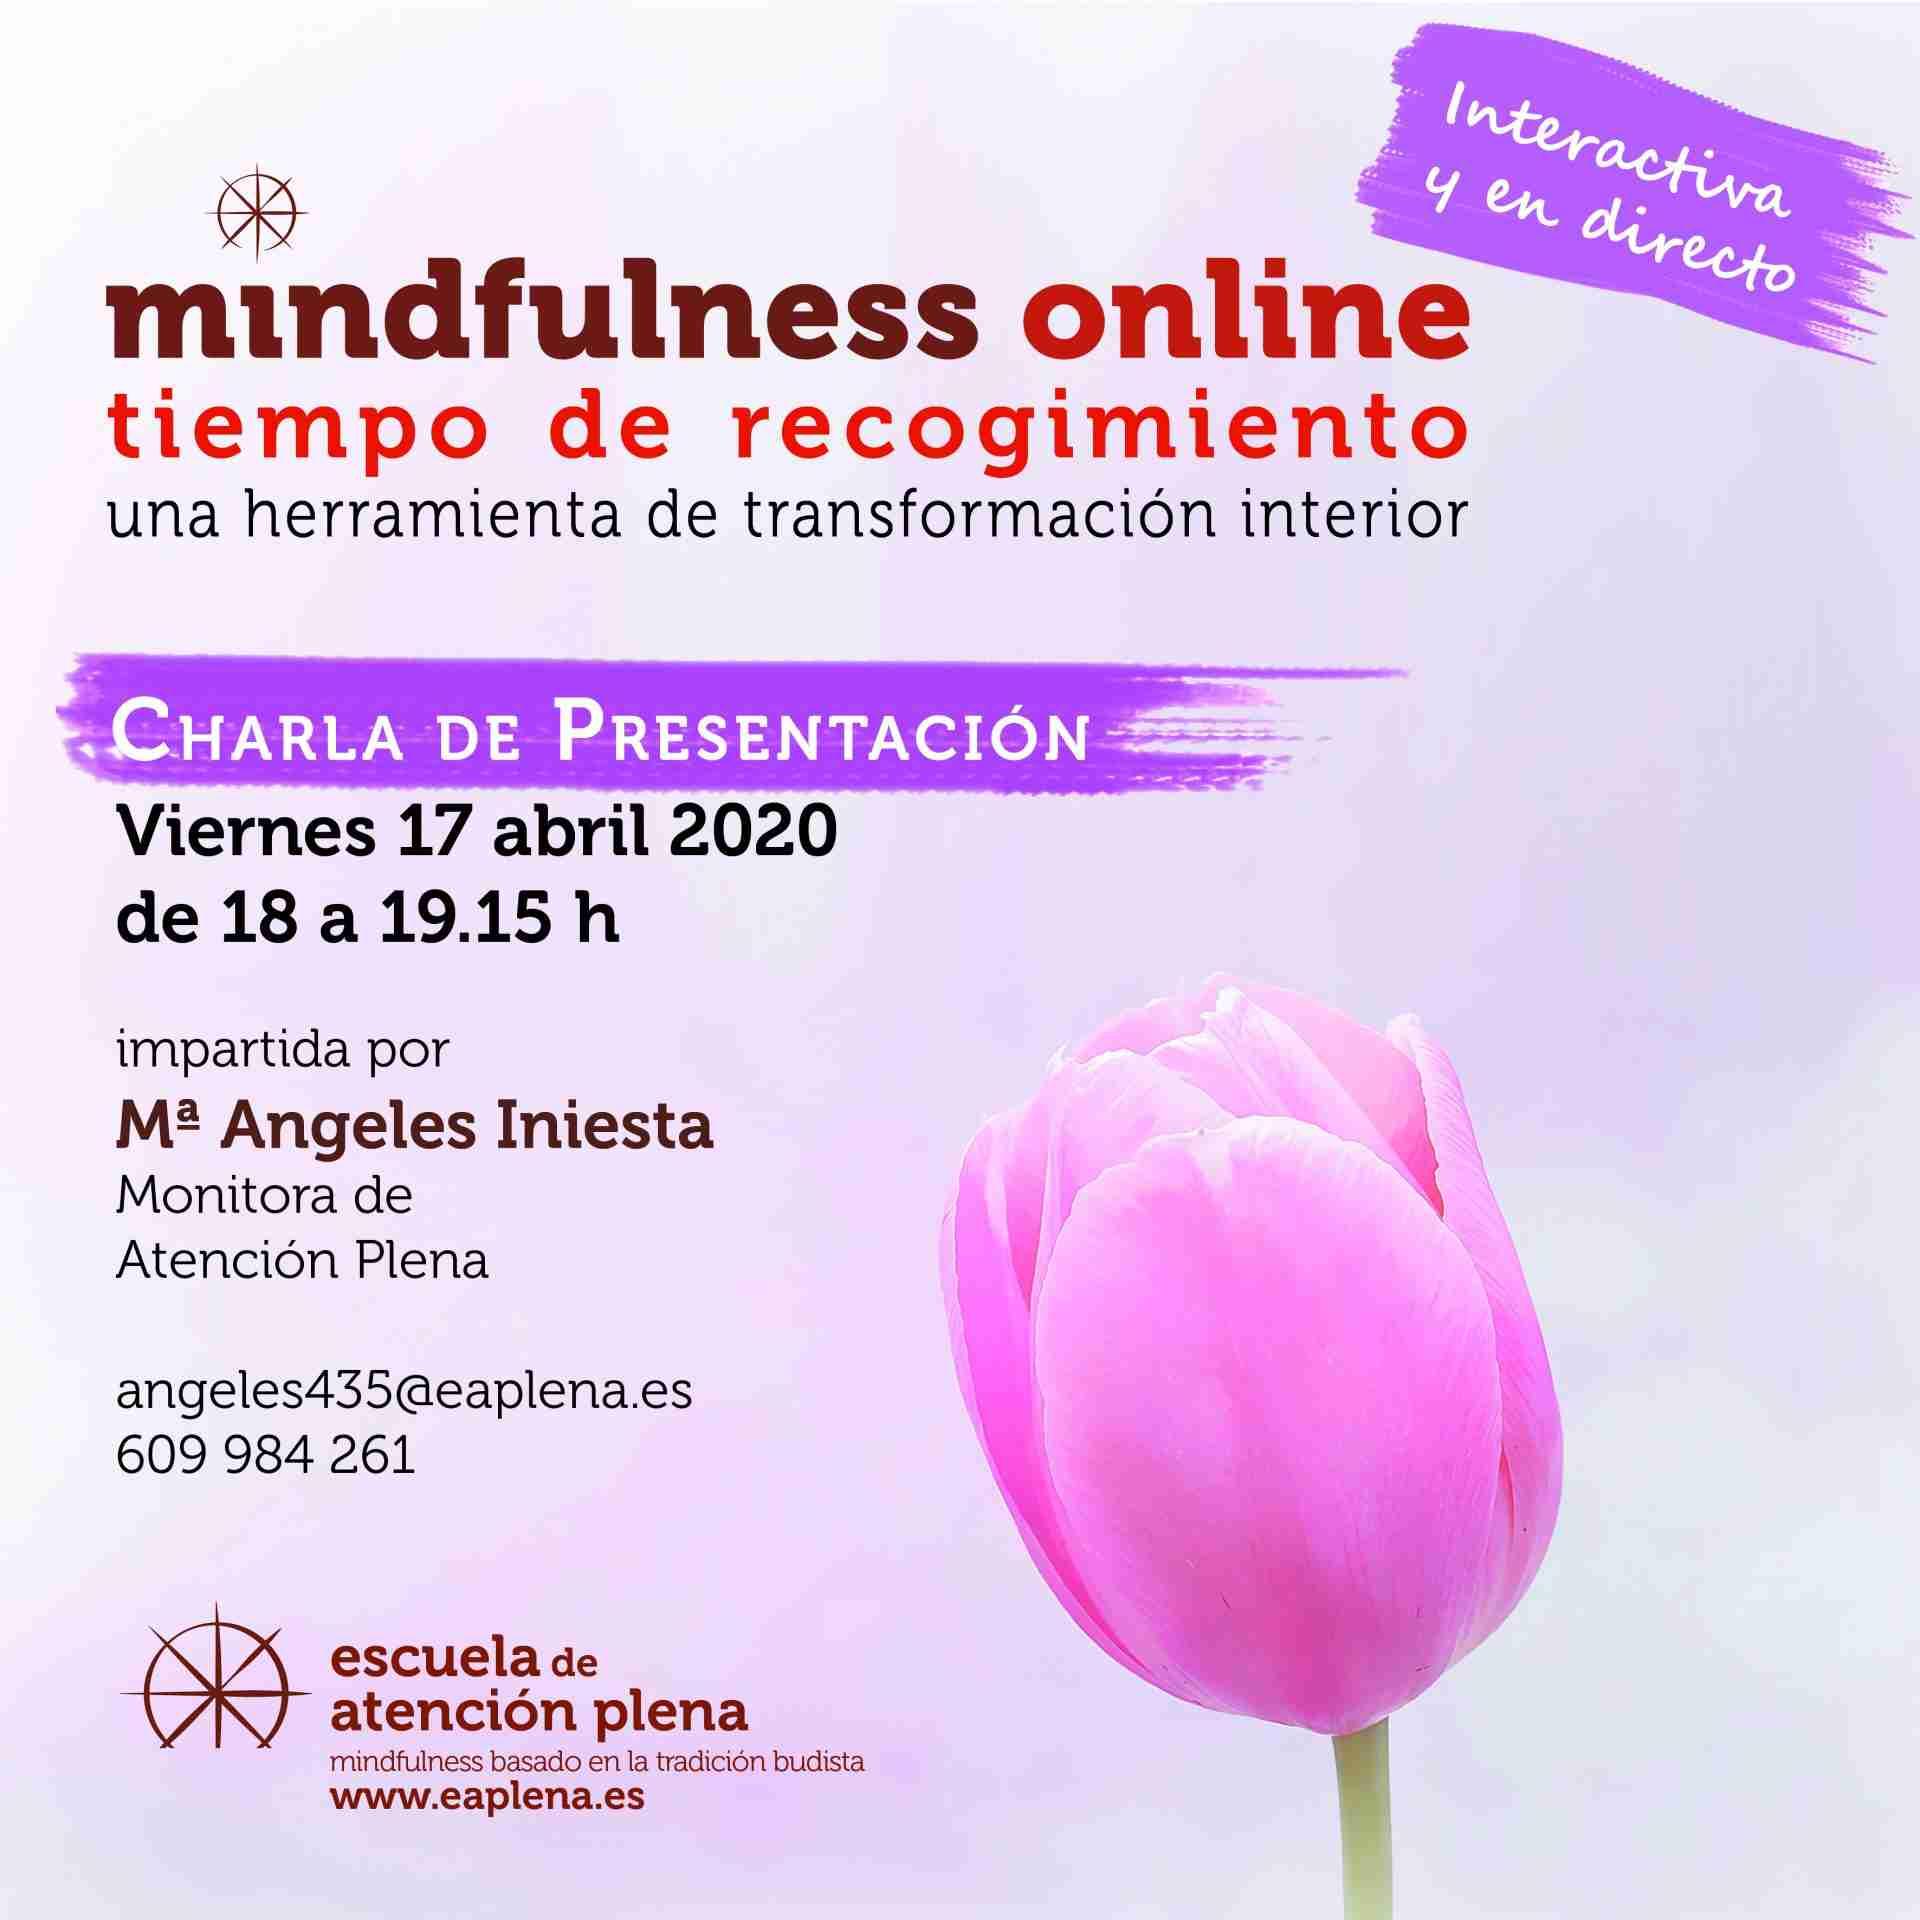 Charla de Presentación online Iniesta Bonillo Mª Angeles 17-04-2020